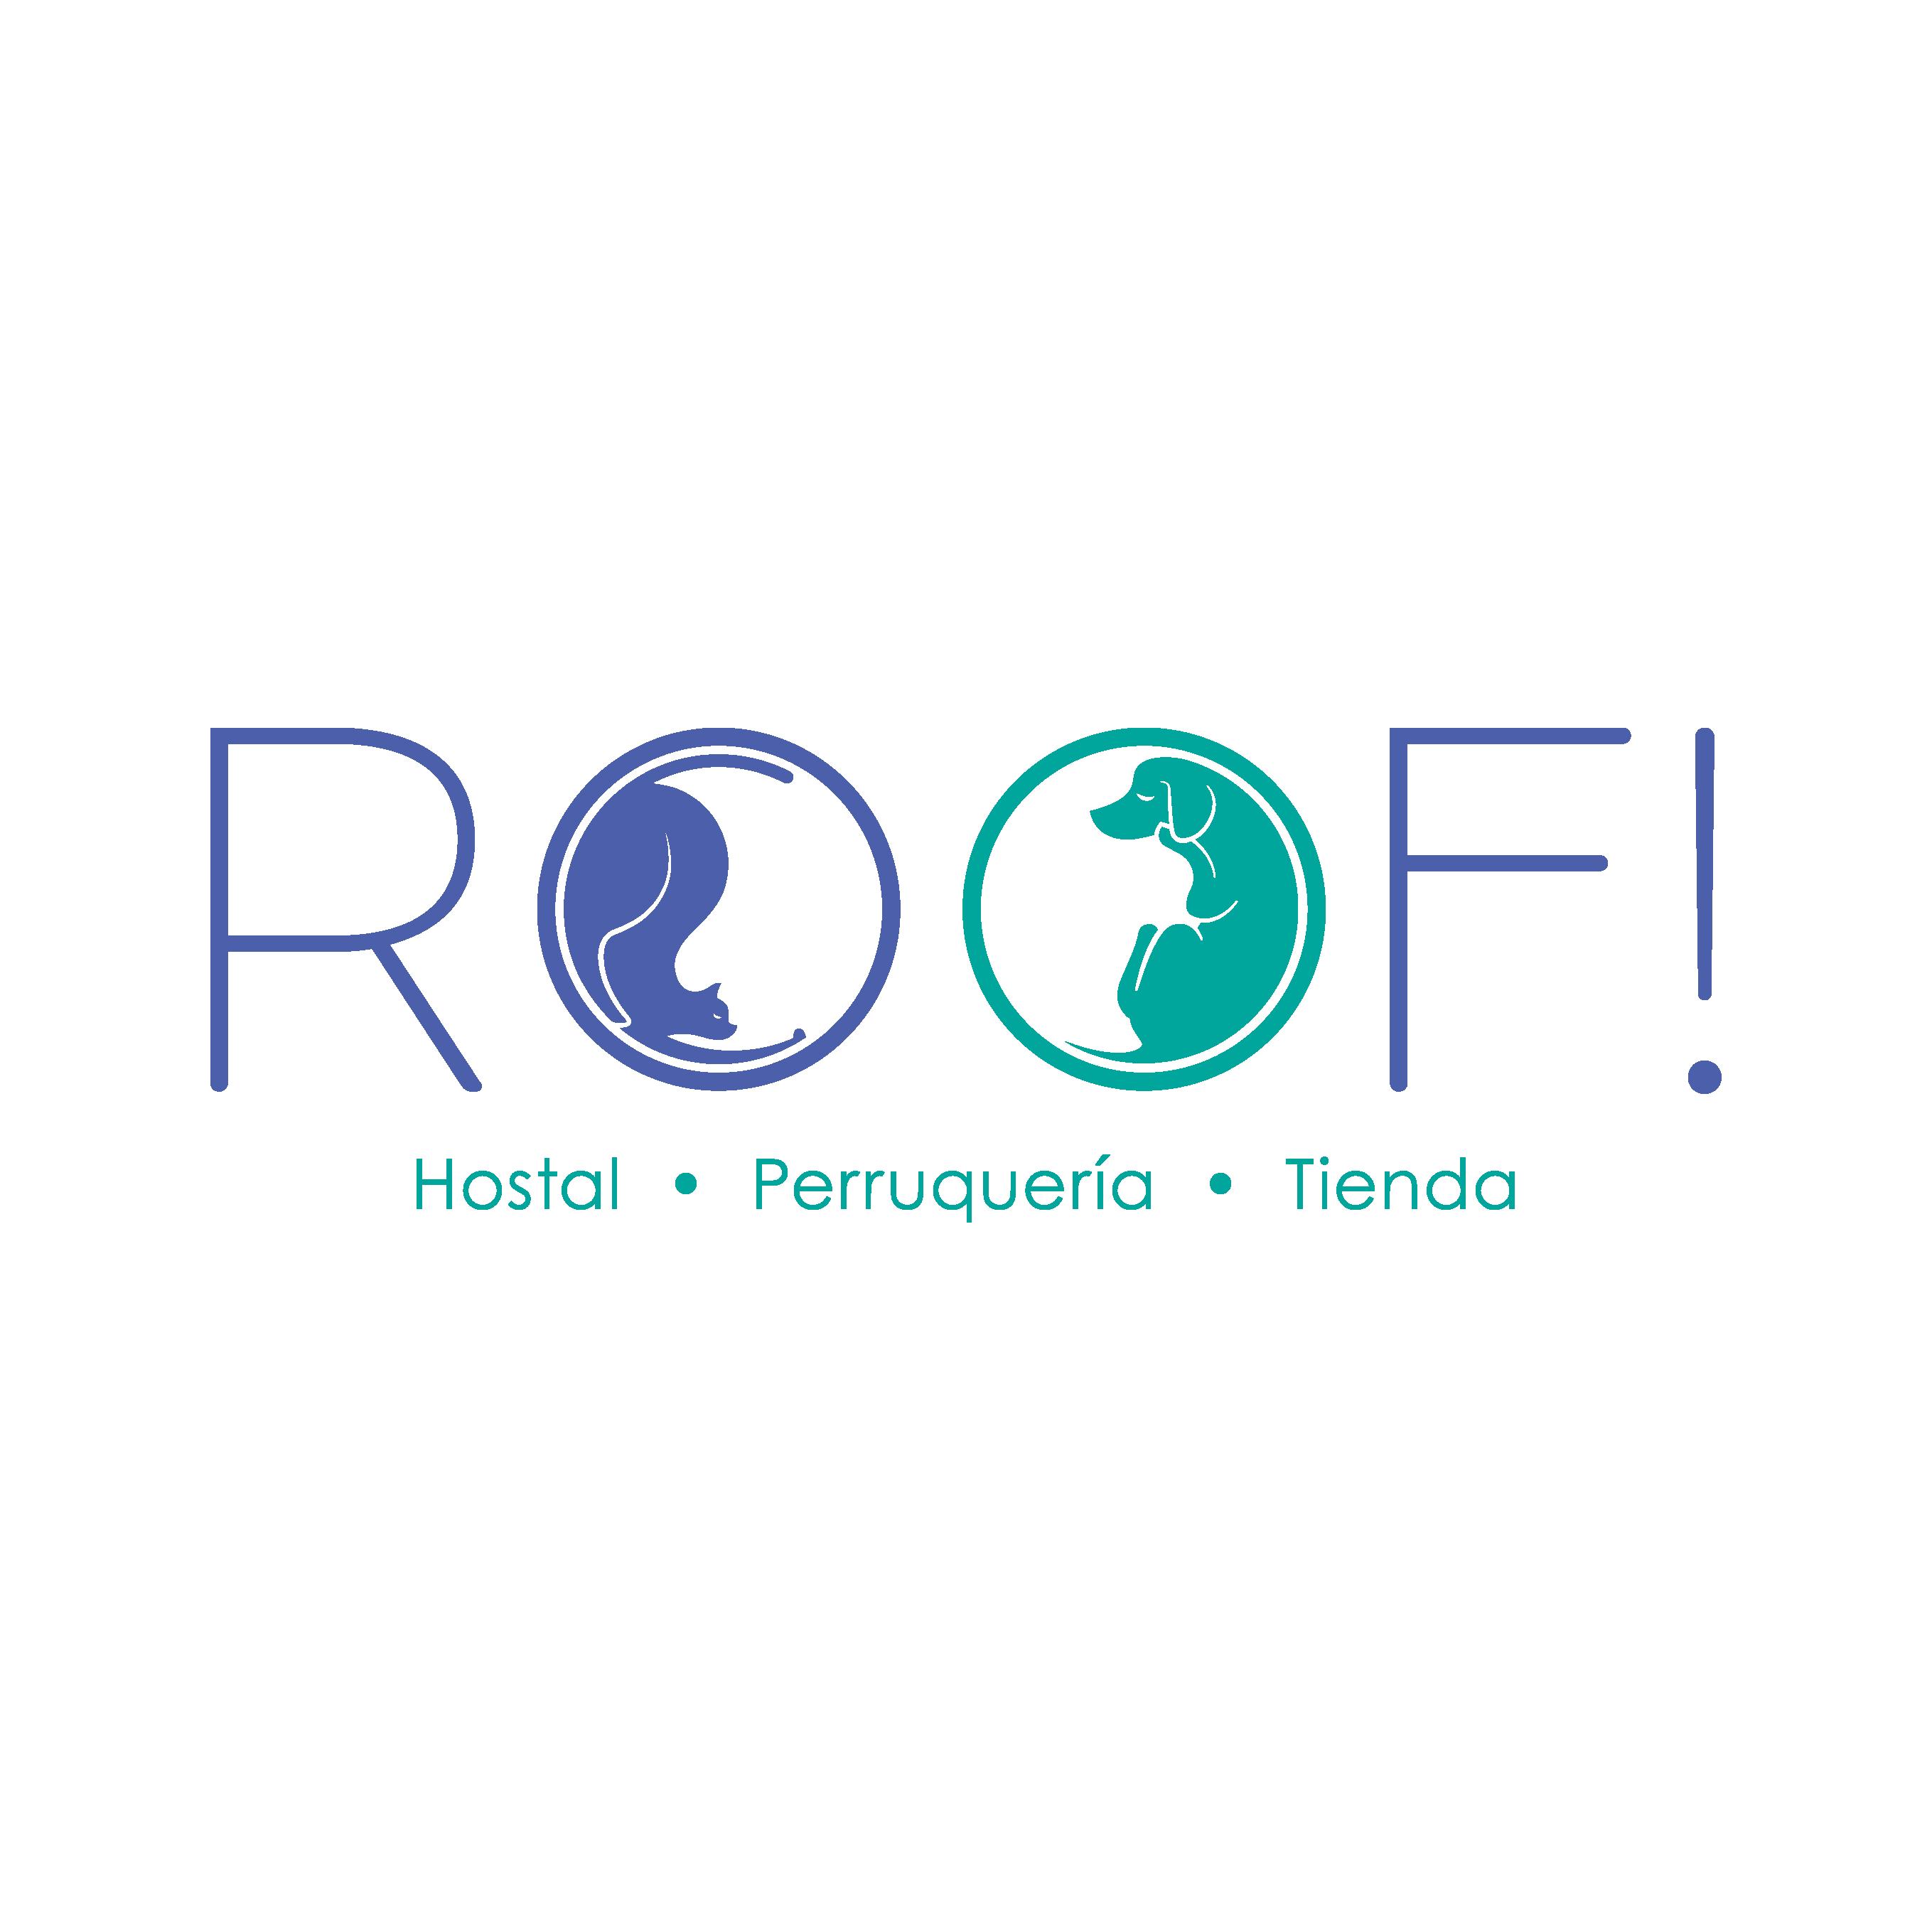 ROOF Hostal Mexico SA DE CV